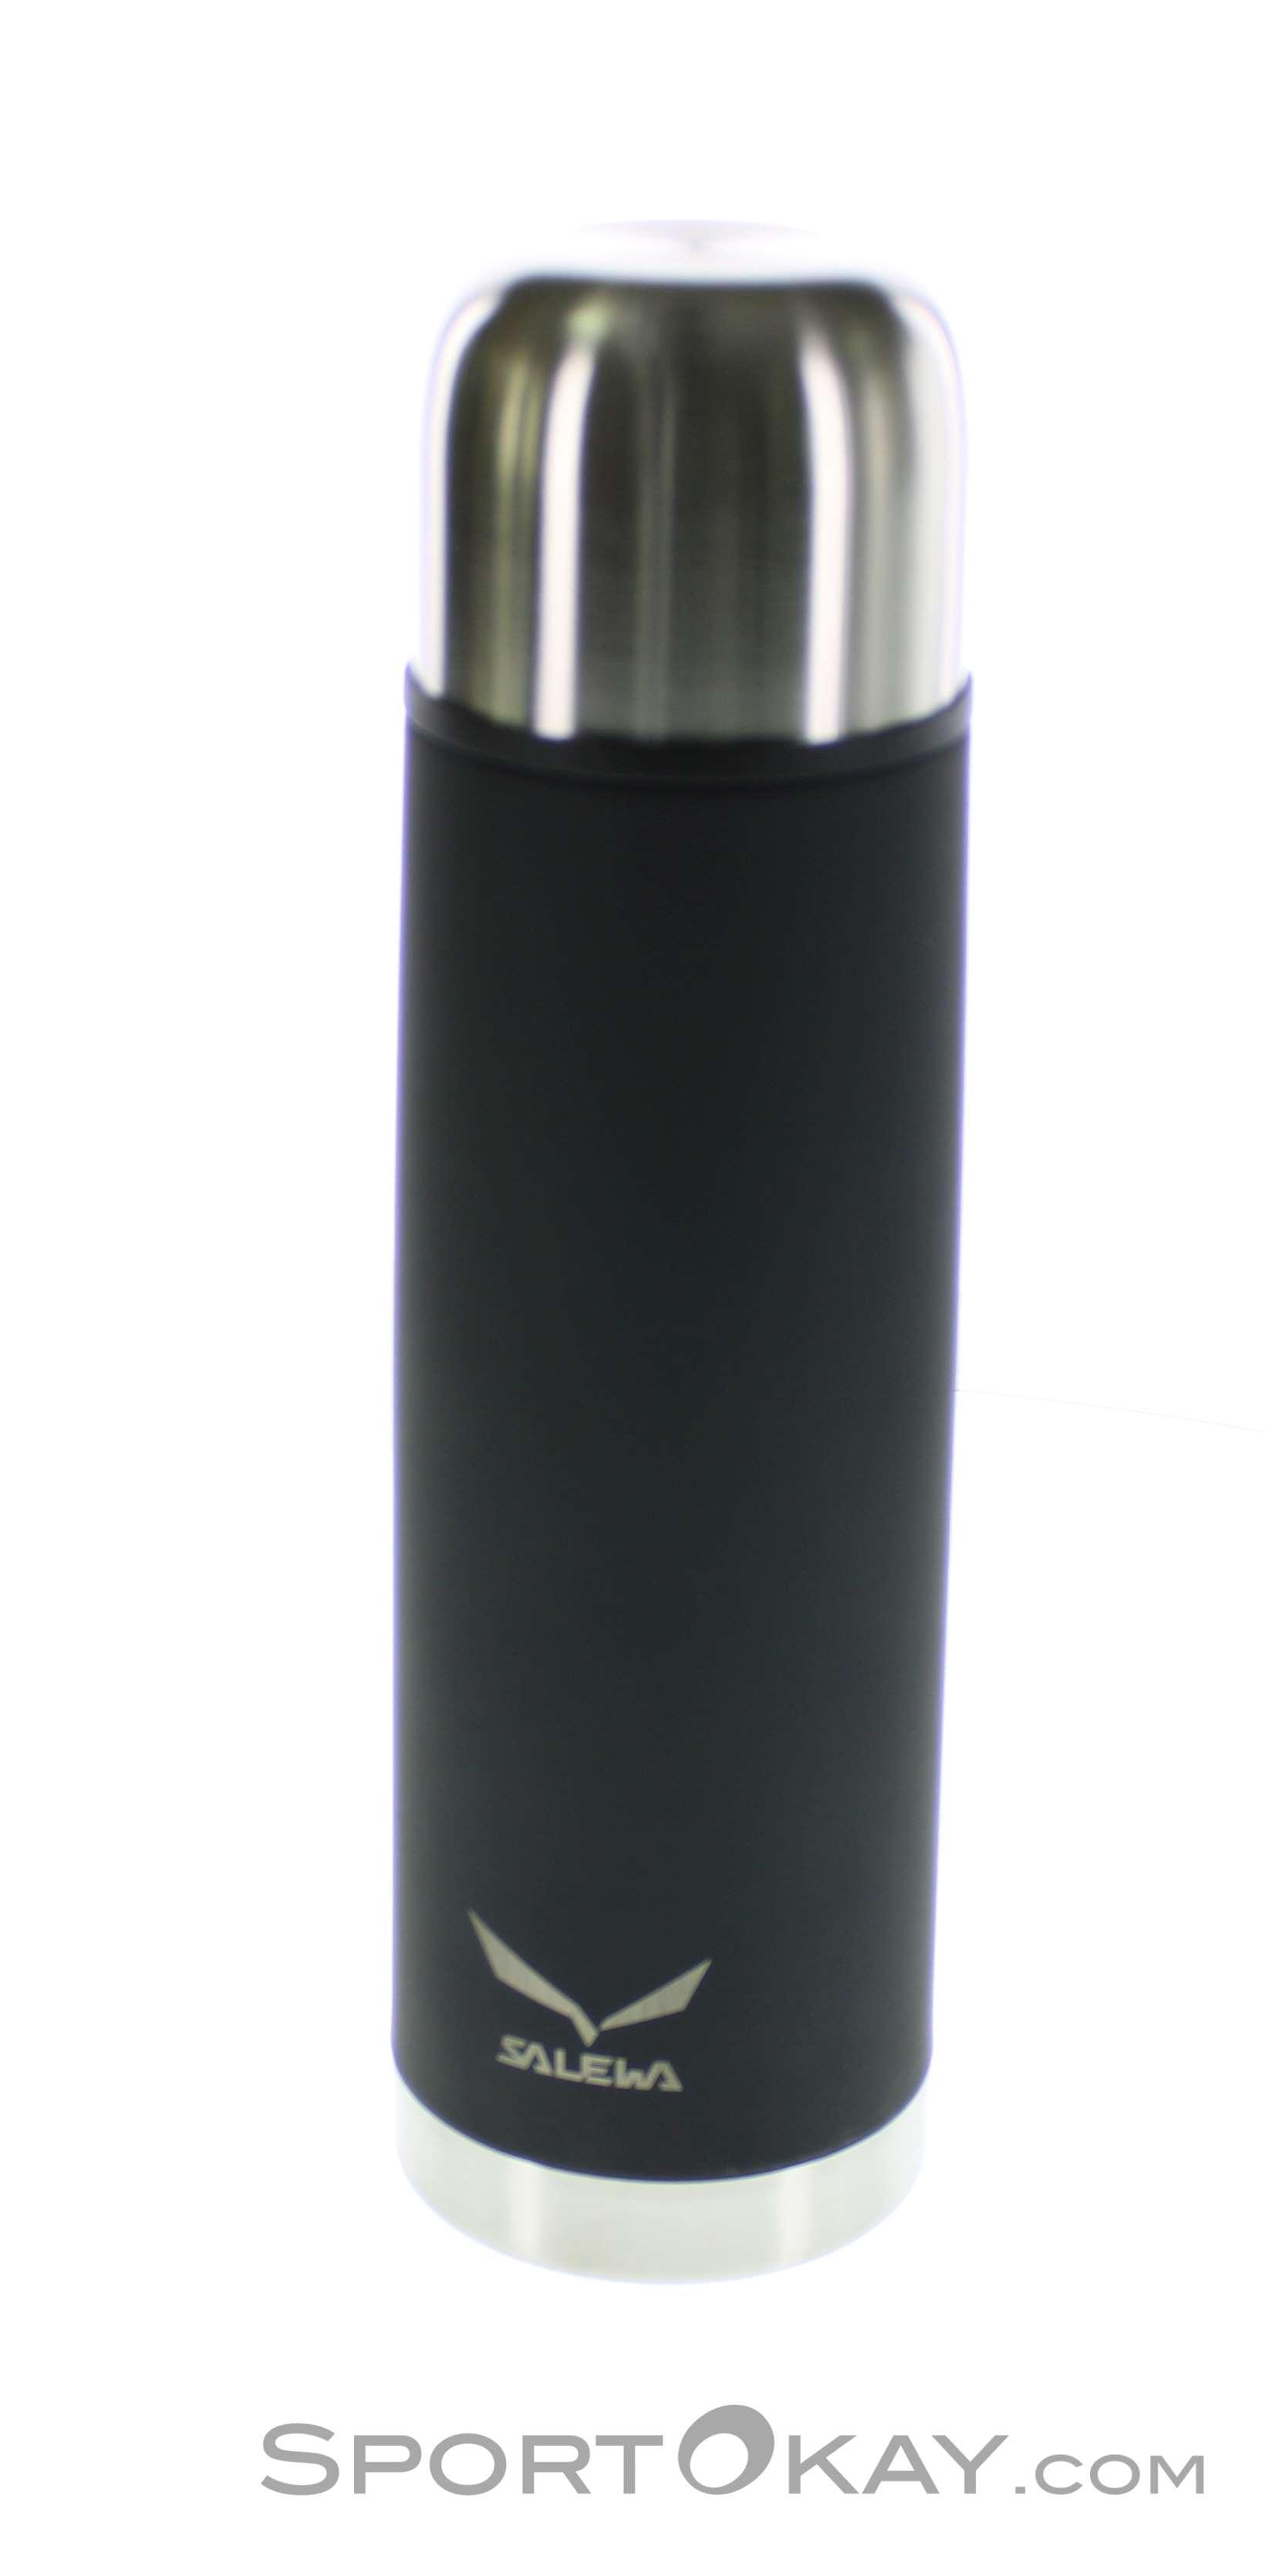 Salewa Thermobottle 1L Thermosflasche - Sonstiges - Tourenzubehör ... 4b975d9760c